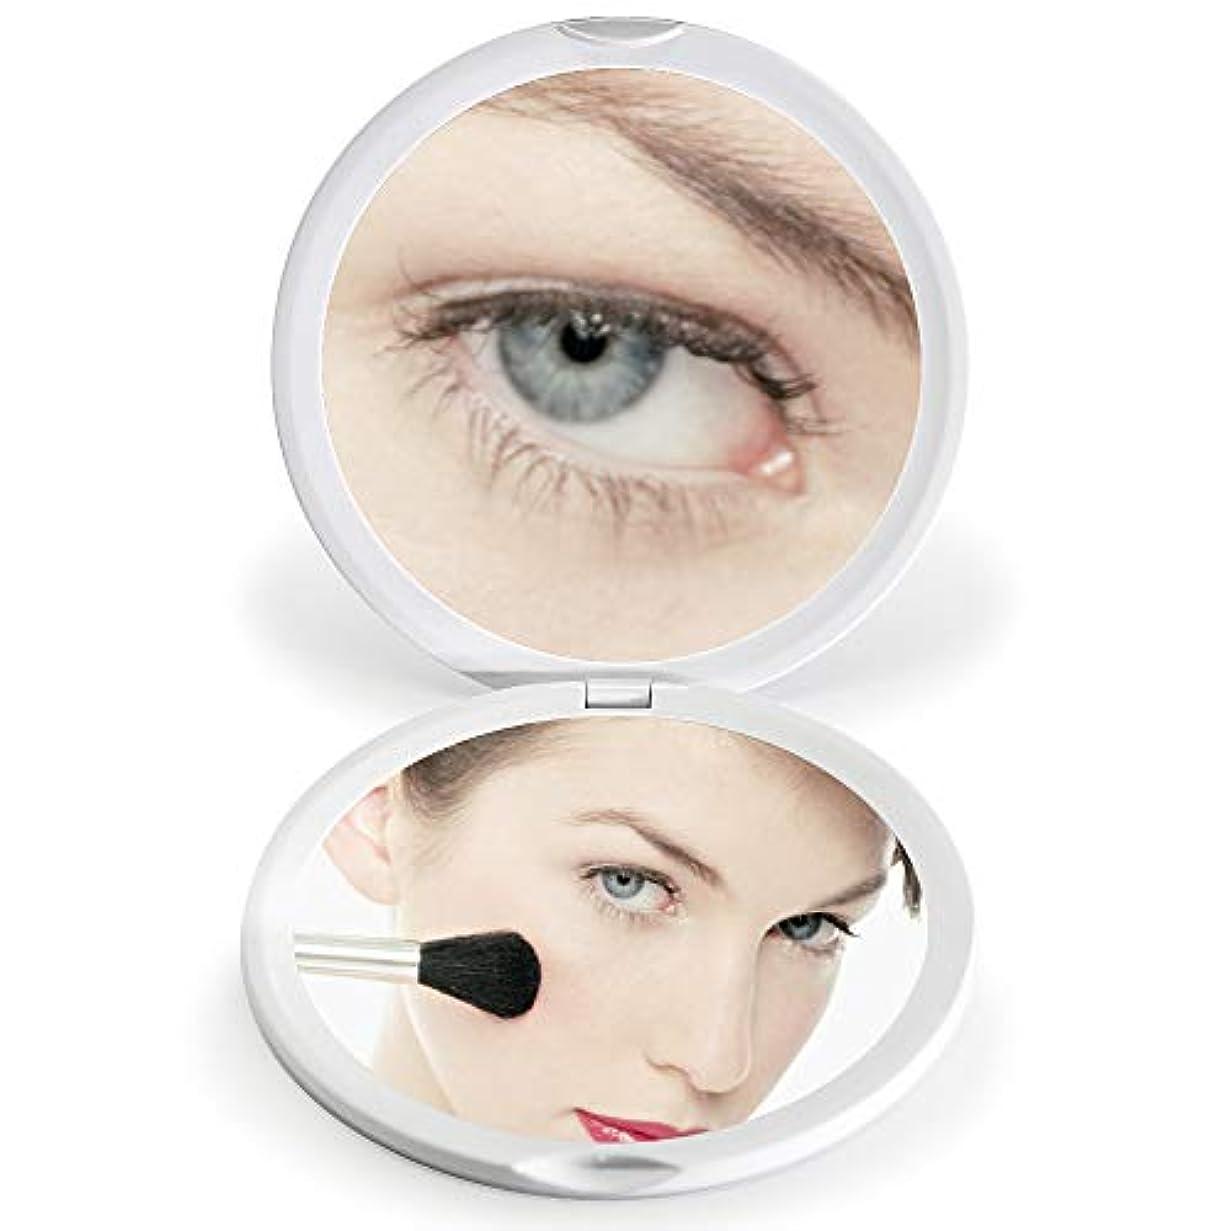 リングバックライドパノラマFASCINATE 化粧鏡 化粧ミラー 鏡 女優ミラー 拡大鏡 10倍 明るさ調節可能 電池給電 (ホワイト)